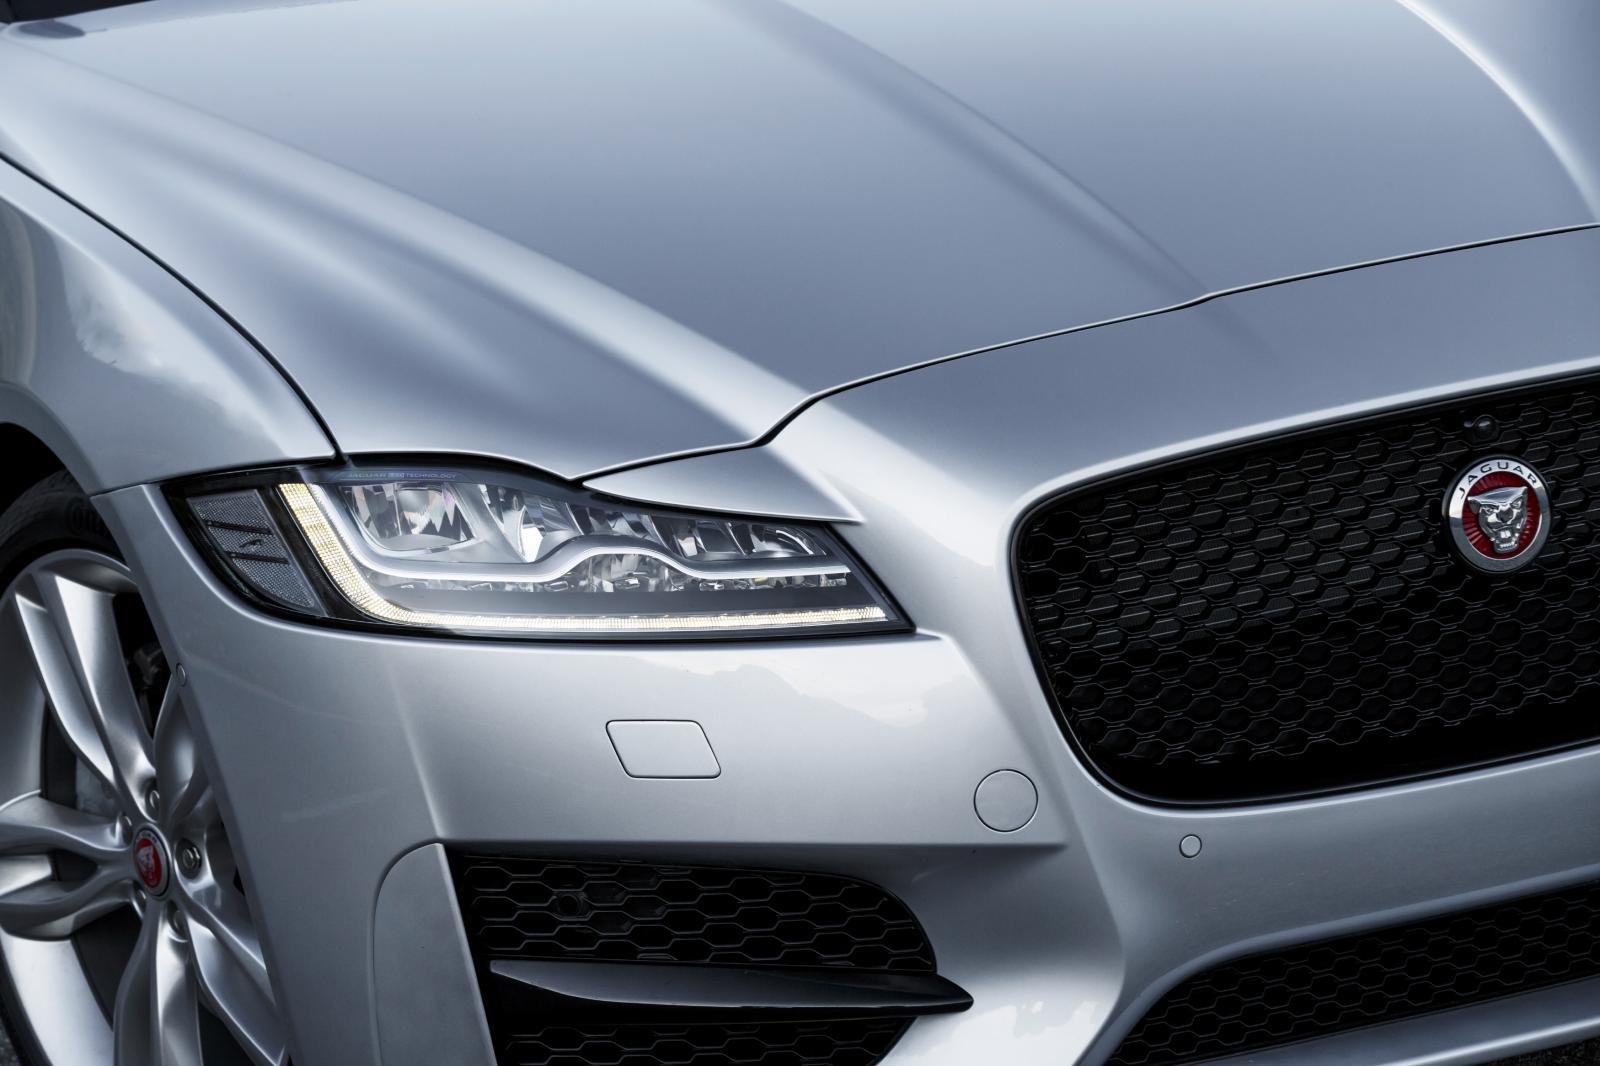 2016-jaguar-xf-led-headlamps-close-up